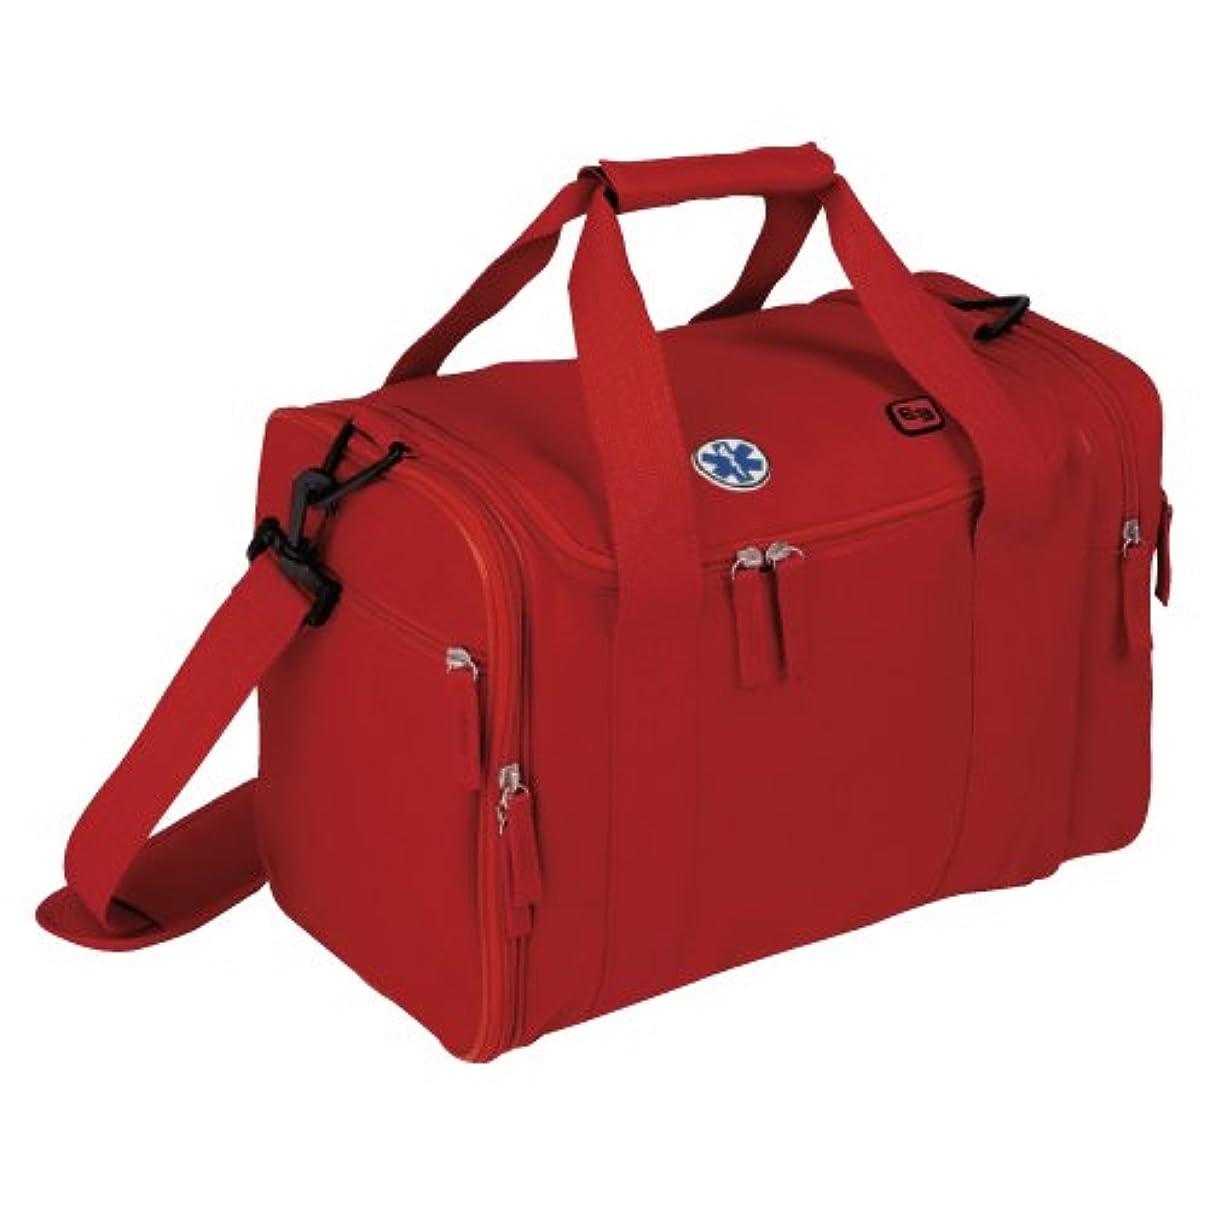 ほうきメリー追い払う救急バッグ ジャンブル EB159 松吉医科器械 23-5734-00